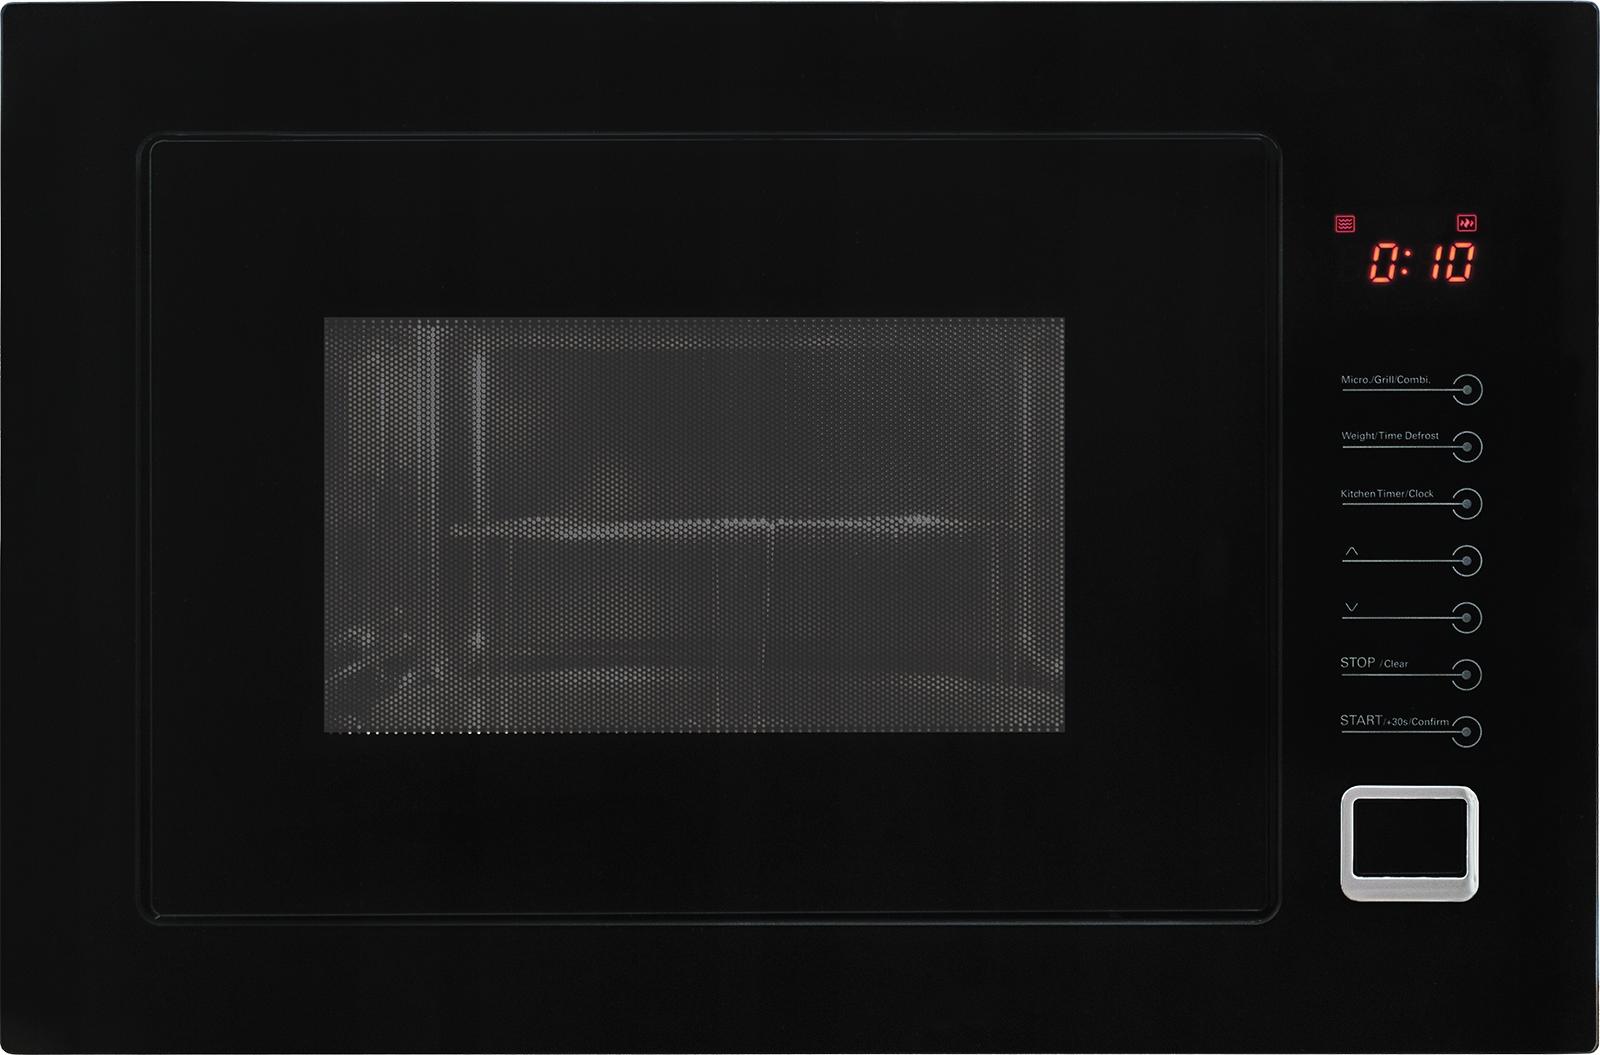 Встраиваемая микроволновая печь Kernau KMO 254 G B